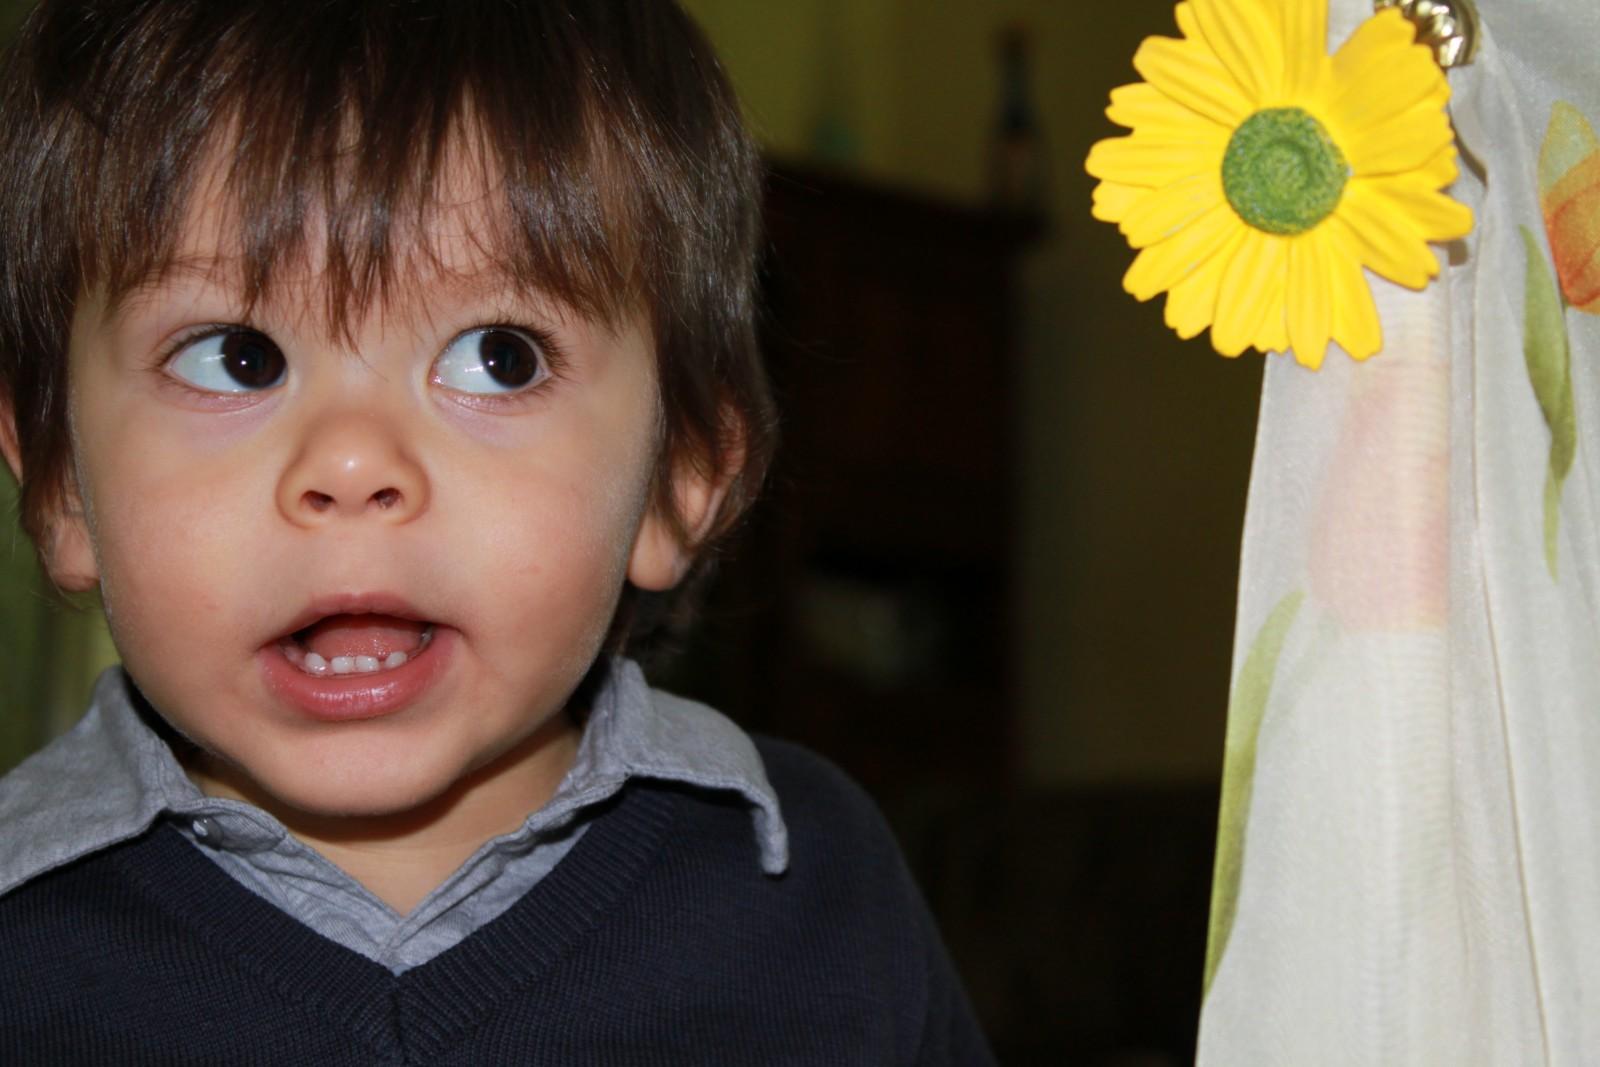 Noé et la fleur jaune